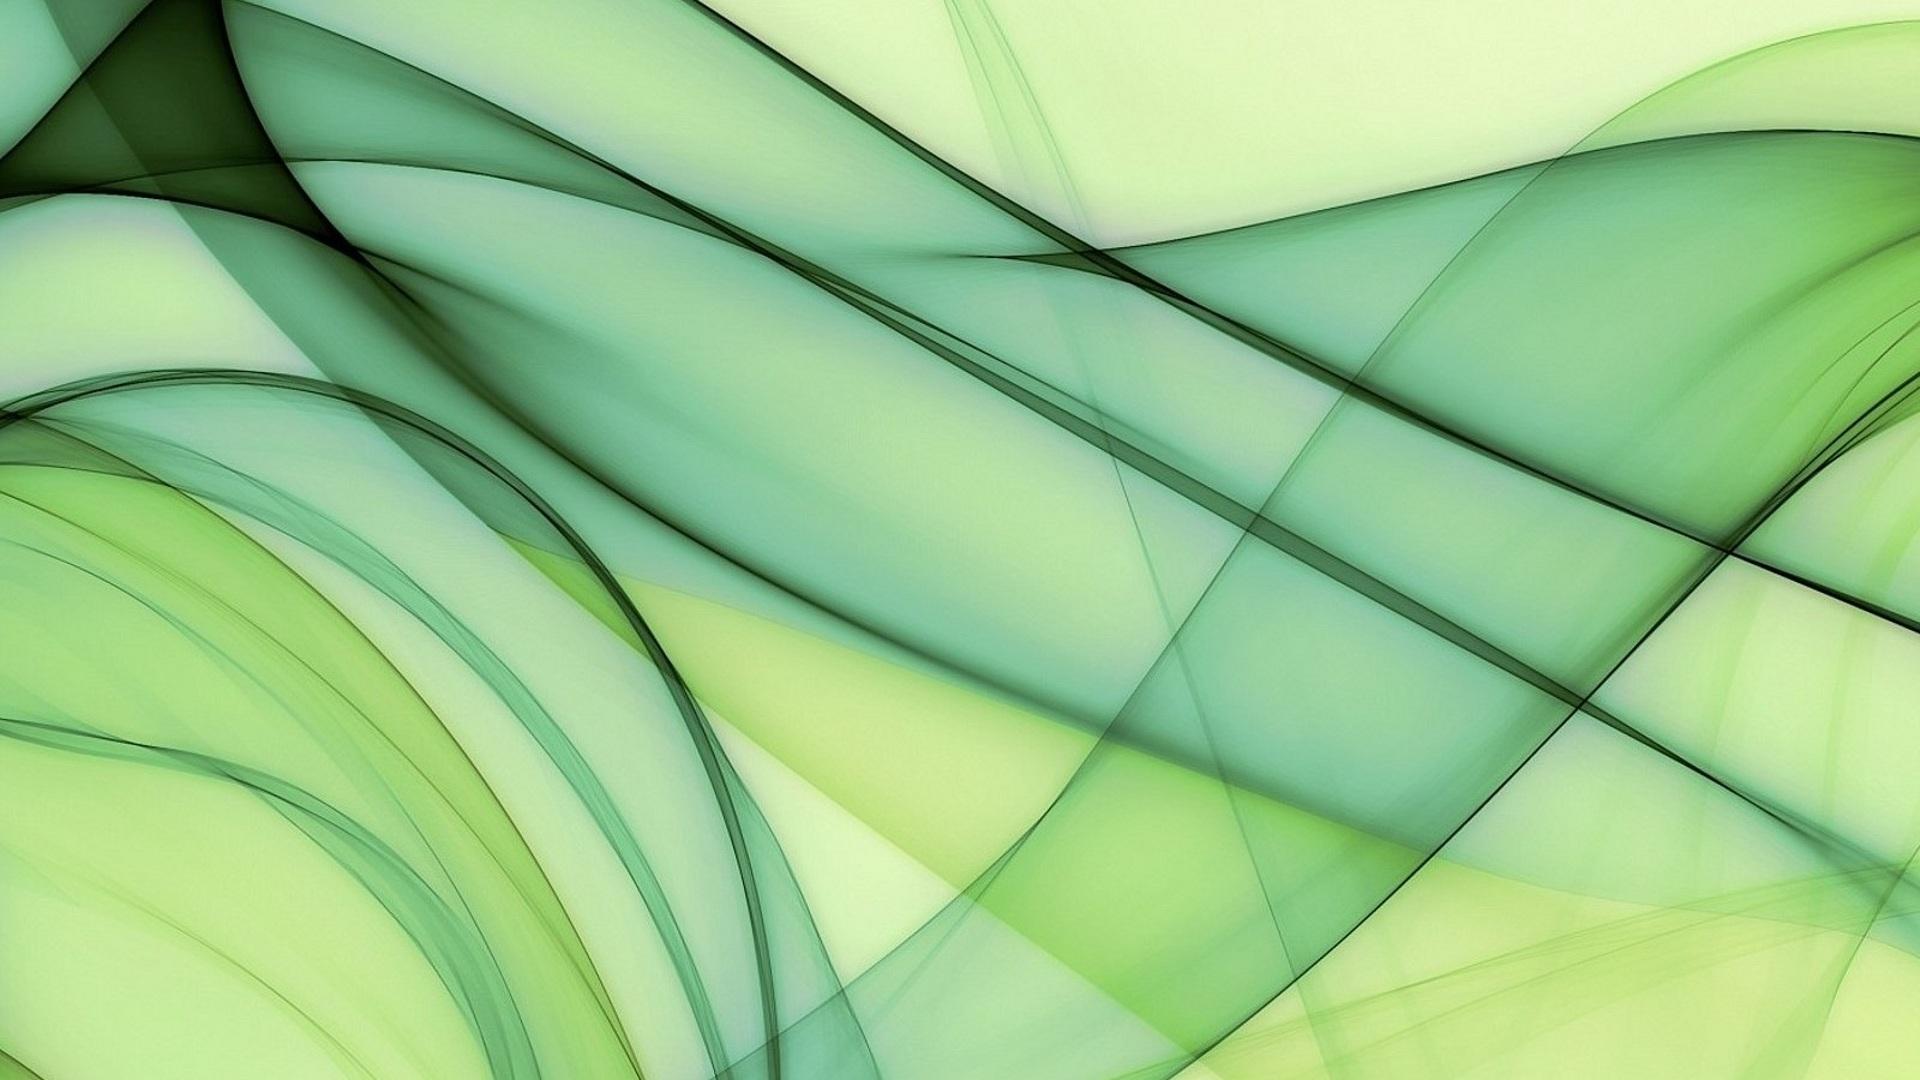 красивая картинка серо-зеленая для диагностики